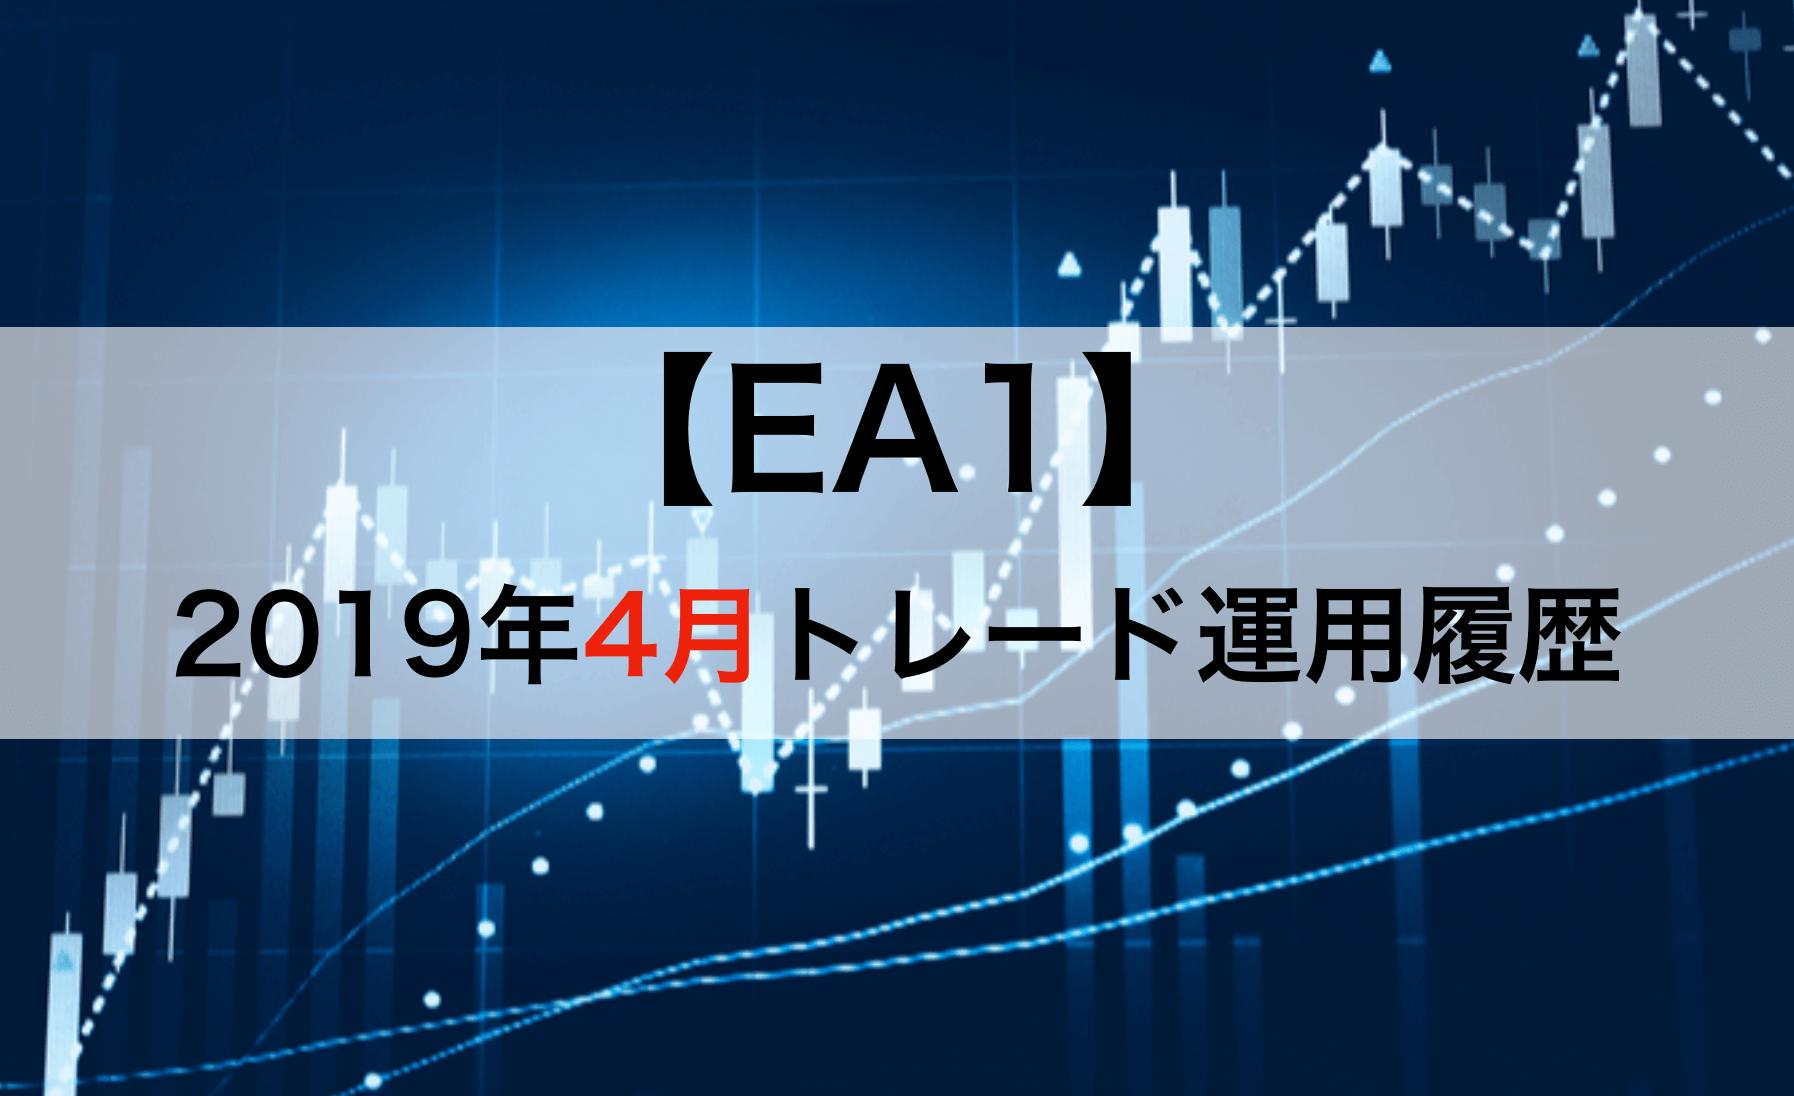 2019年4月のEA1自動売買結果